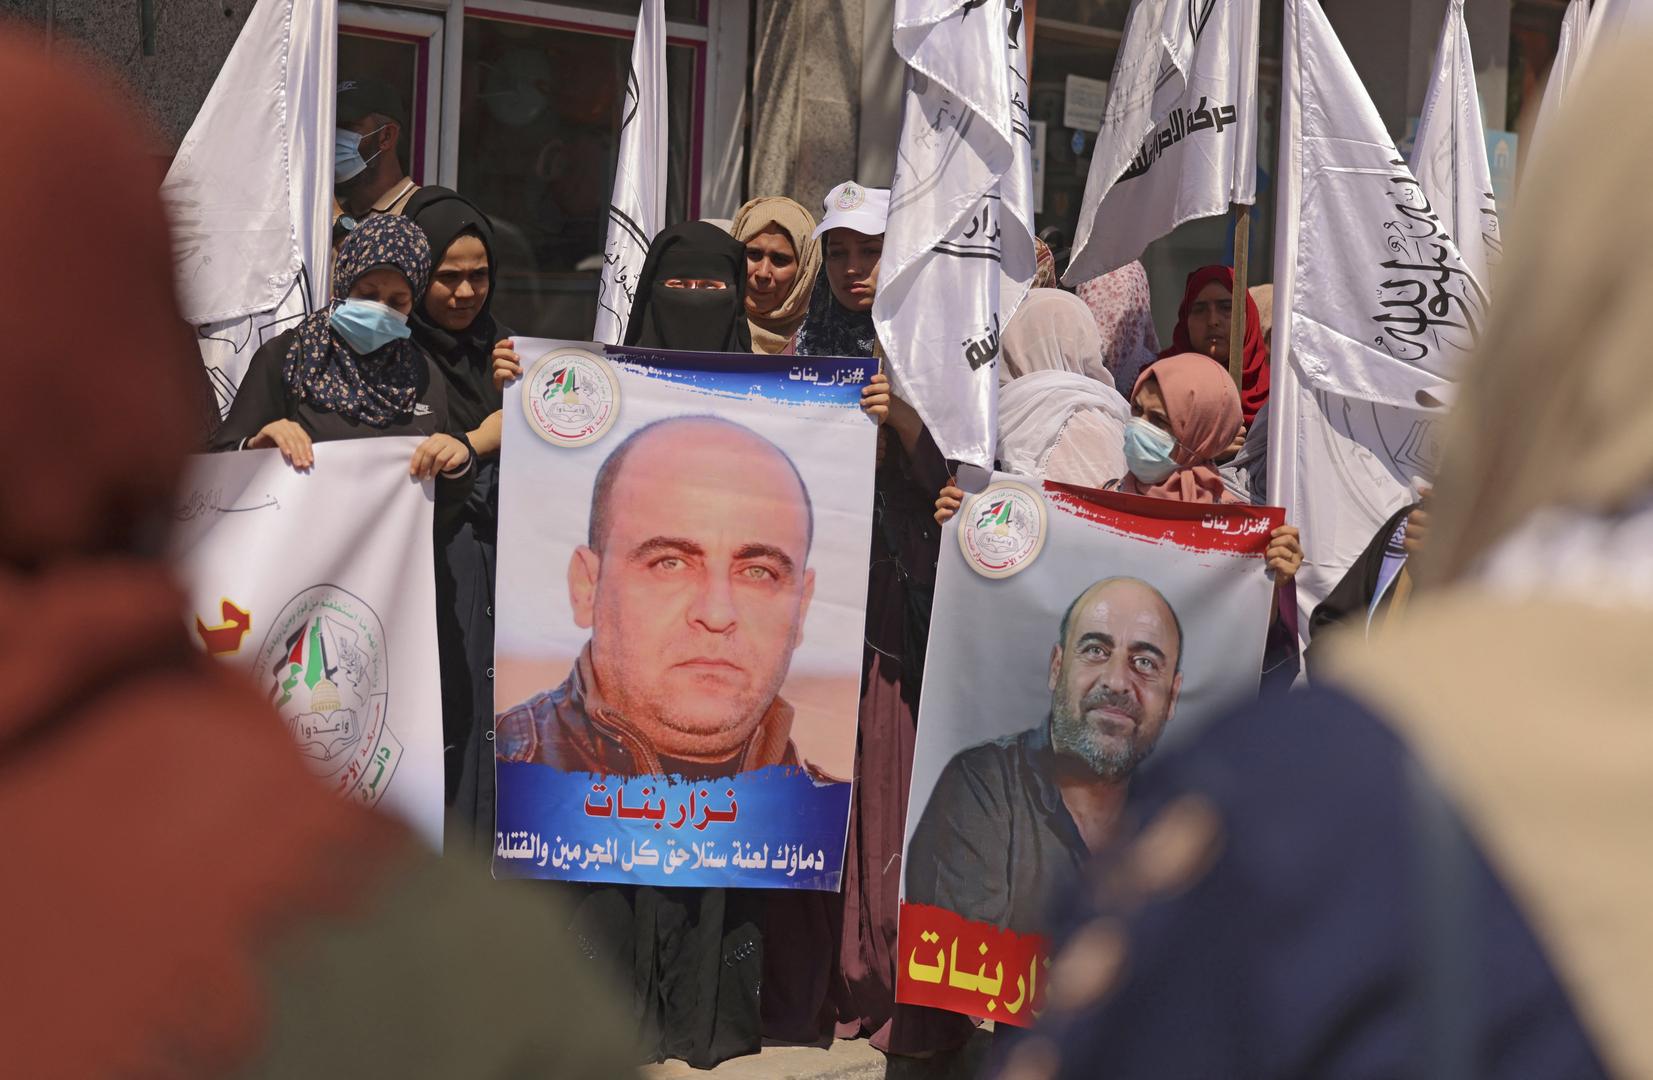 وزير العدل الفلسطيني: لجنة التحقيق بوفاة نزار بنات توصي بإحالة تقريرها إلى الجهات القضائية